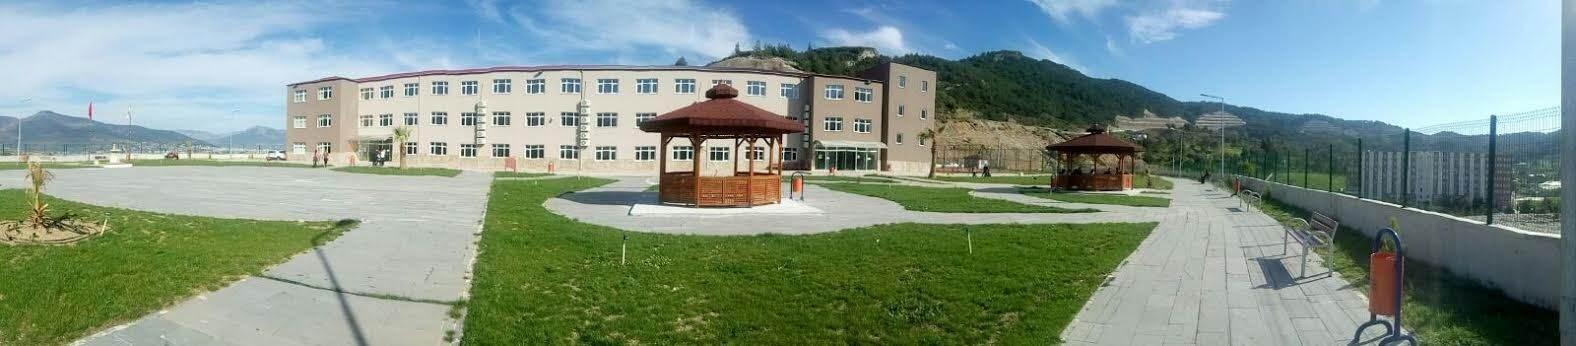 Mersin Üniversitesi Anamur Meslek Yüksekokulu